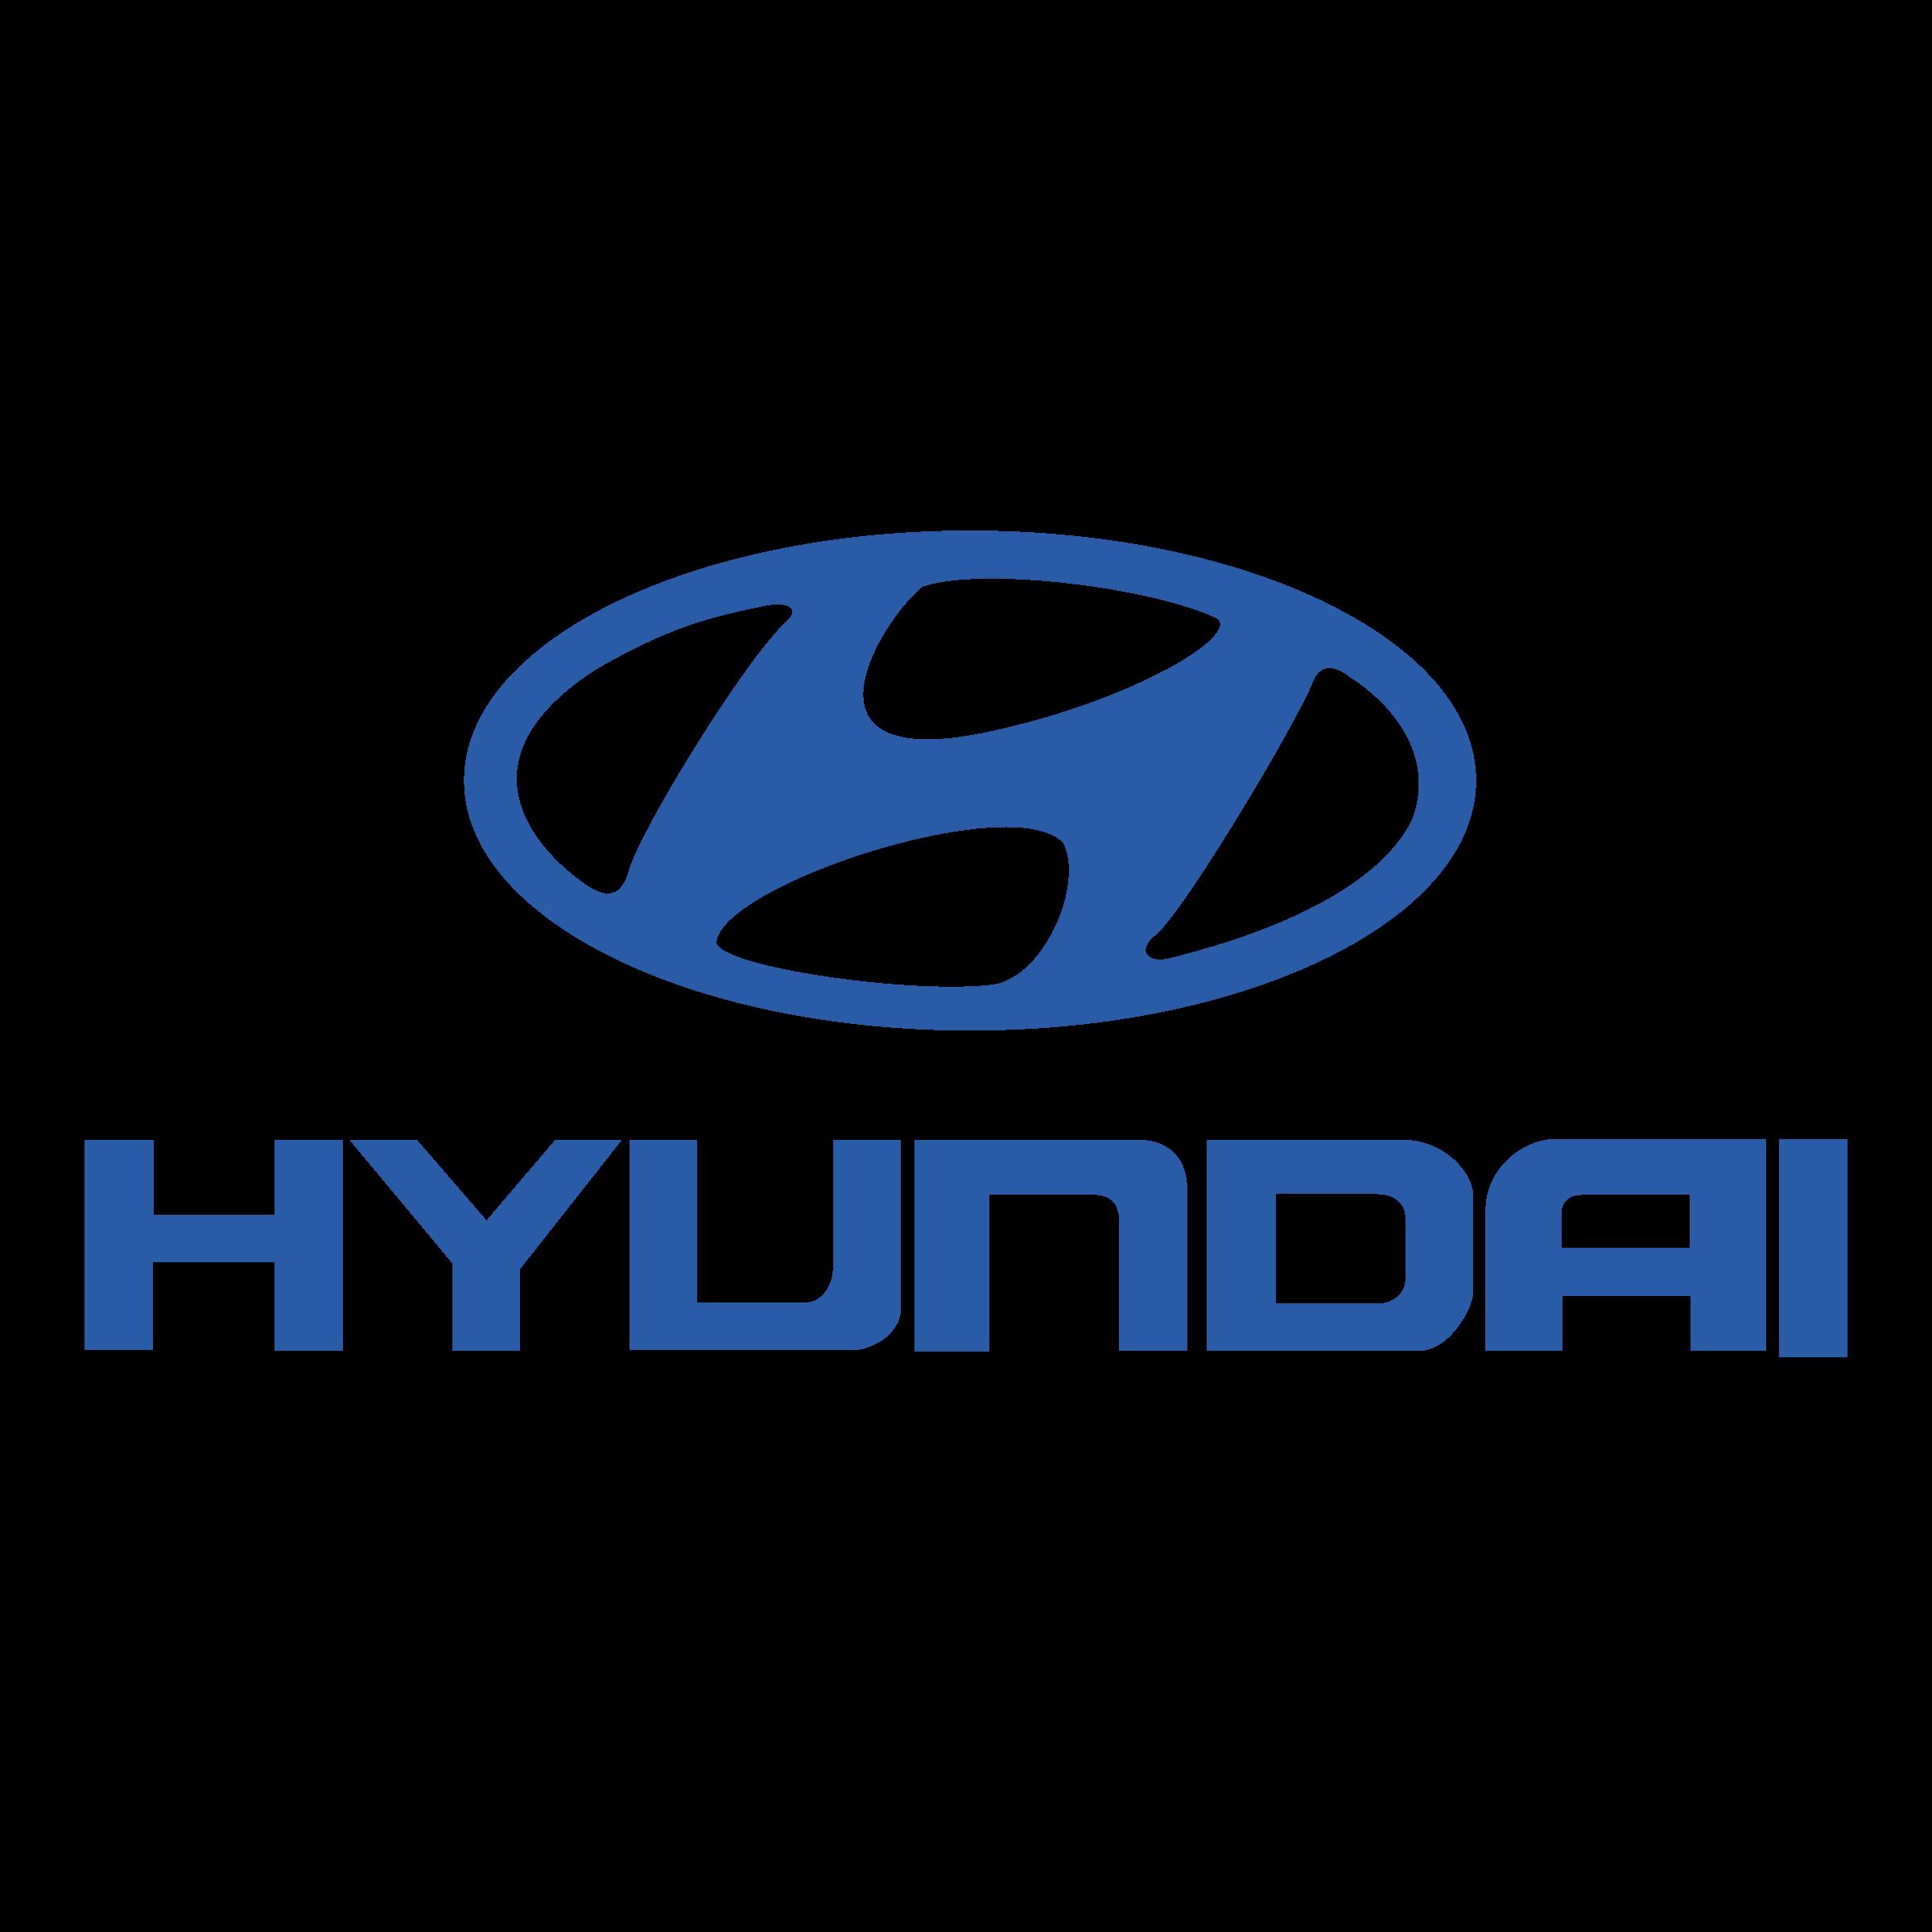 hyundai motor company logo png transparent svg vector freebie supply rh freebiesupply com hyundai logo vector free logo hyundai vectoriel